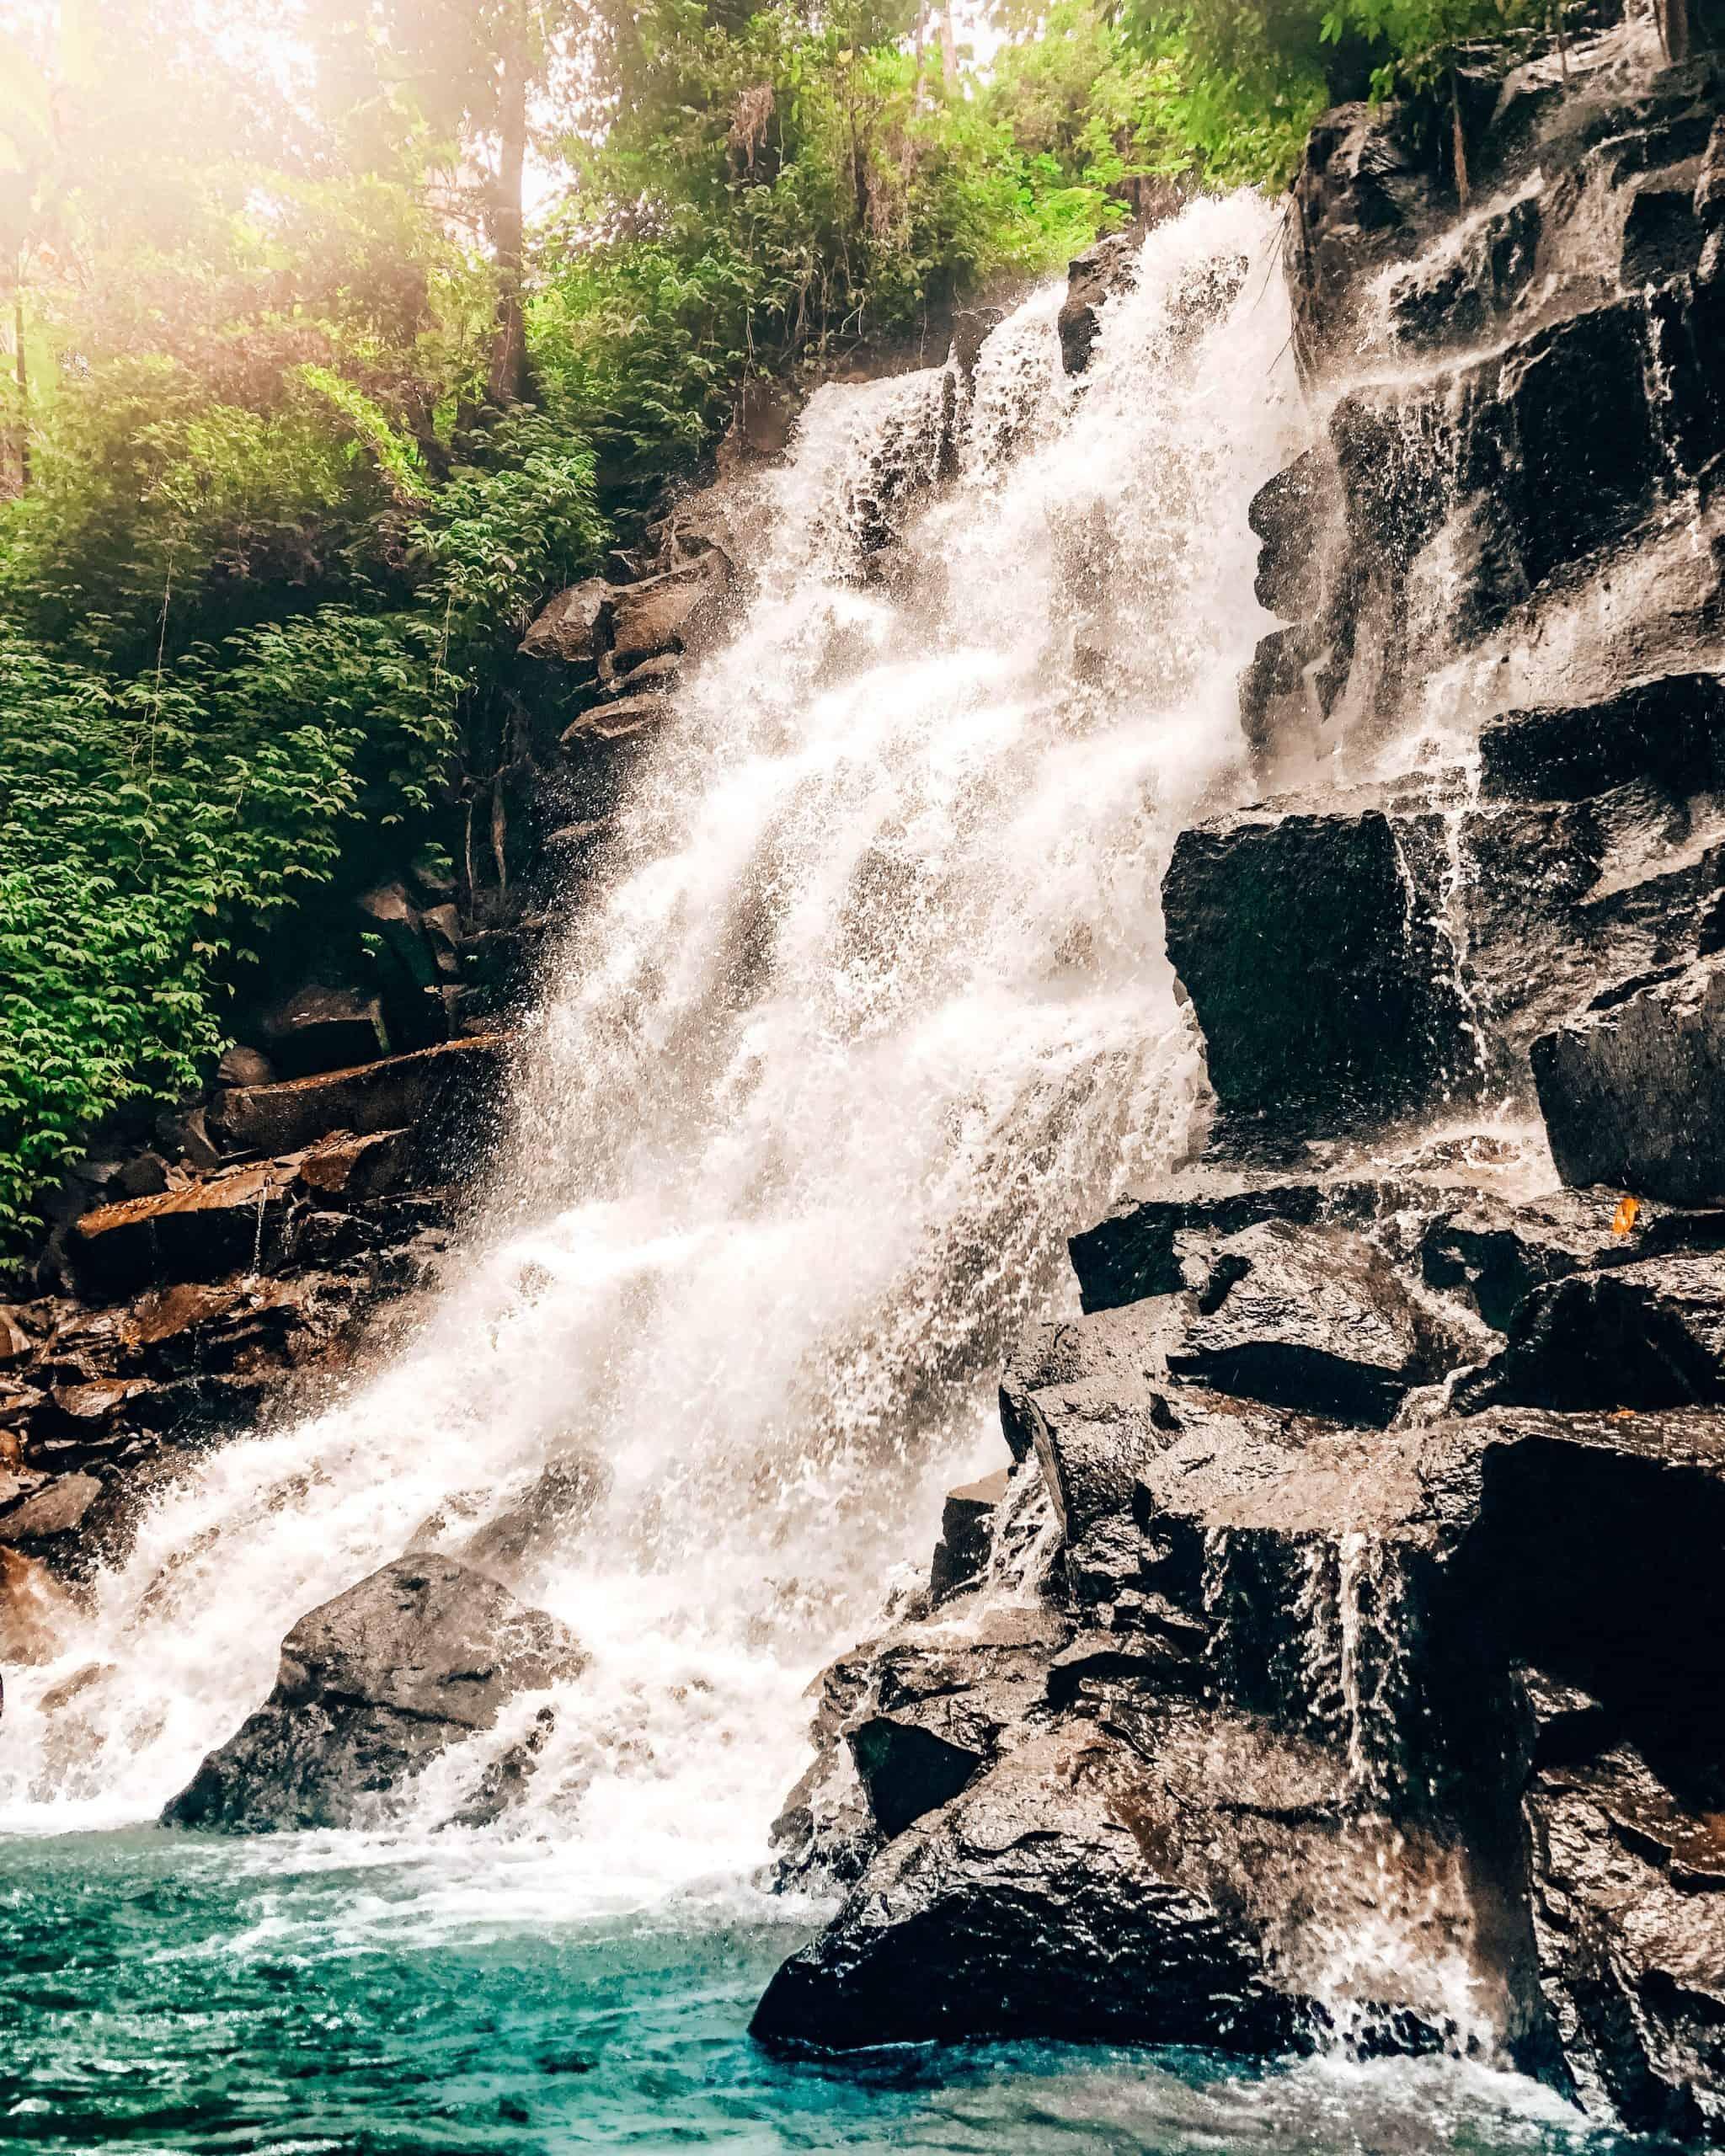 Kanto Lampo Waterfall Bali - 10 Bali Hidden Gems